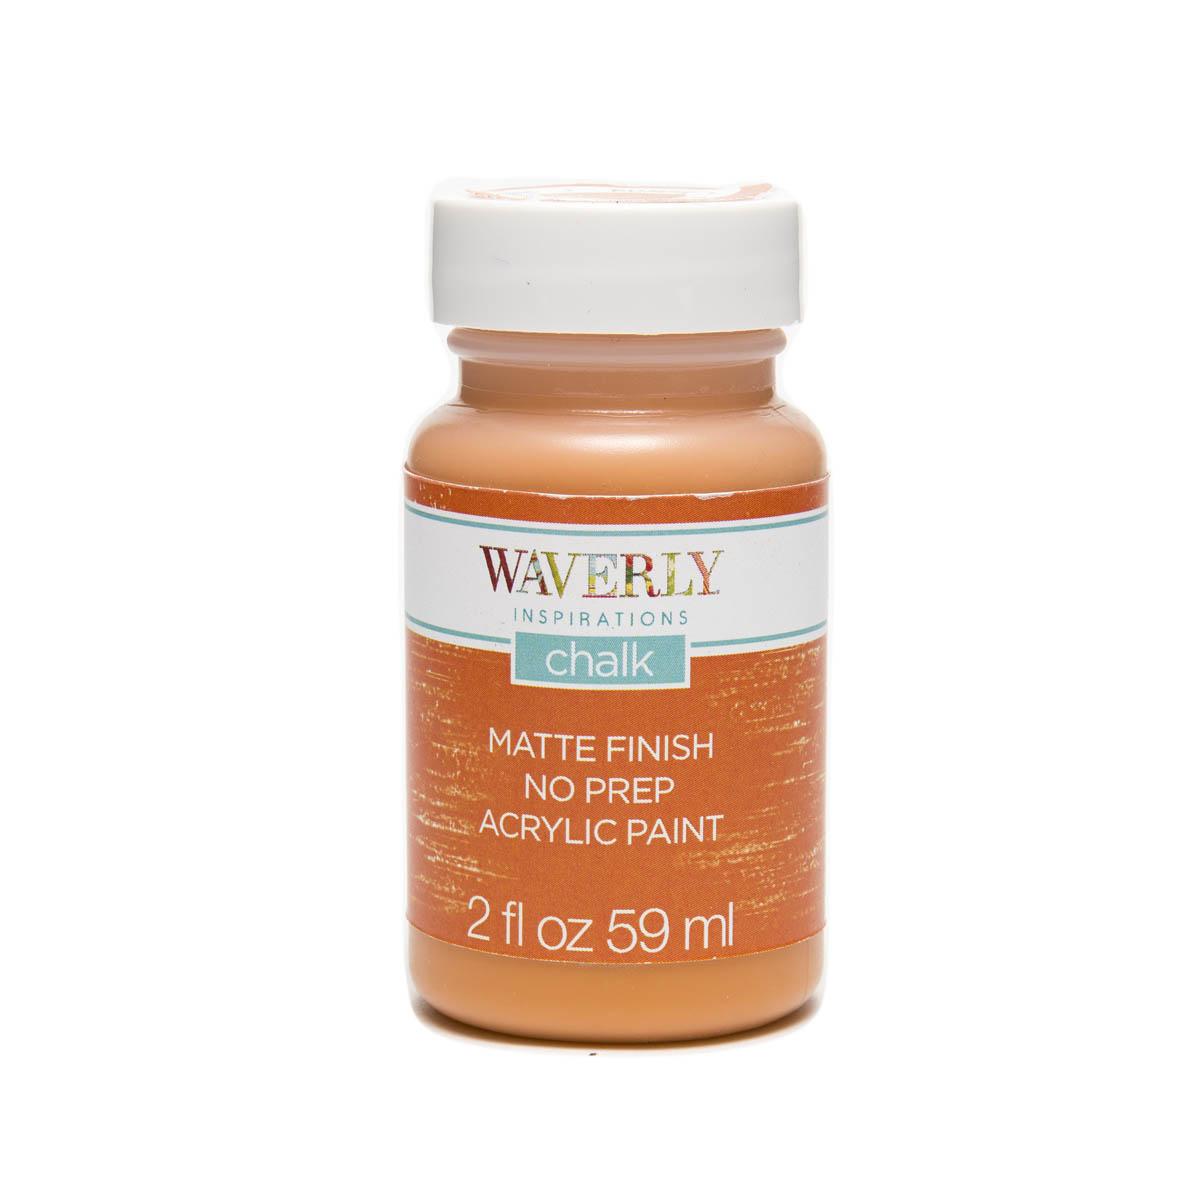 Waverly ® Inspirations Chalk Finish Acrylic Paint - Pumpkin, 2 oz. - 60883E